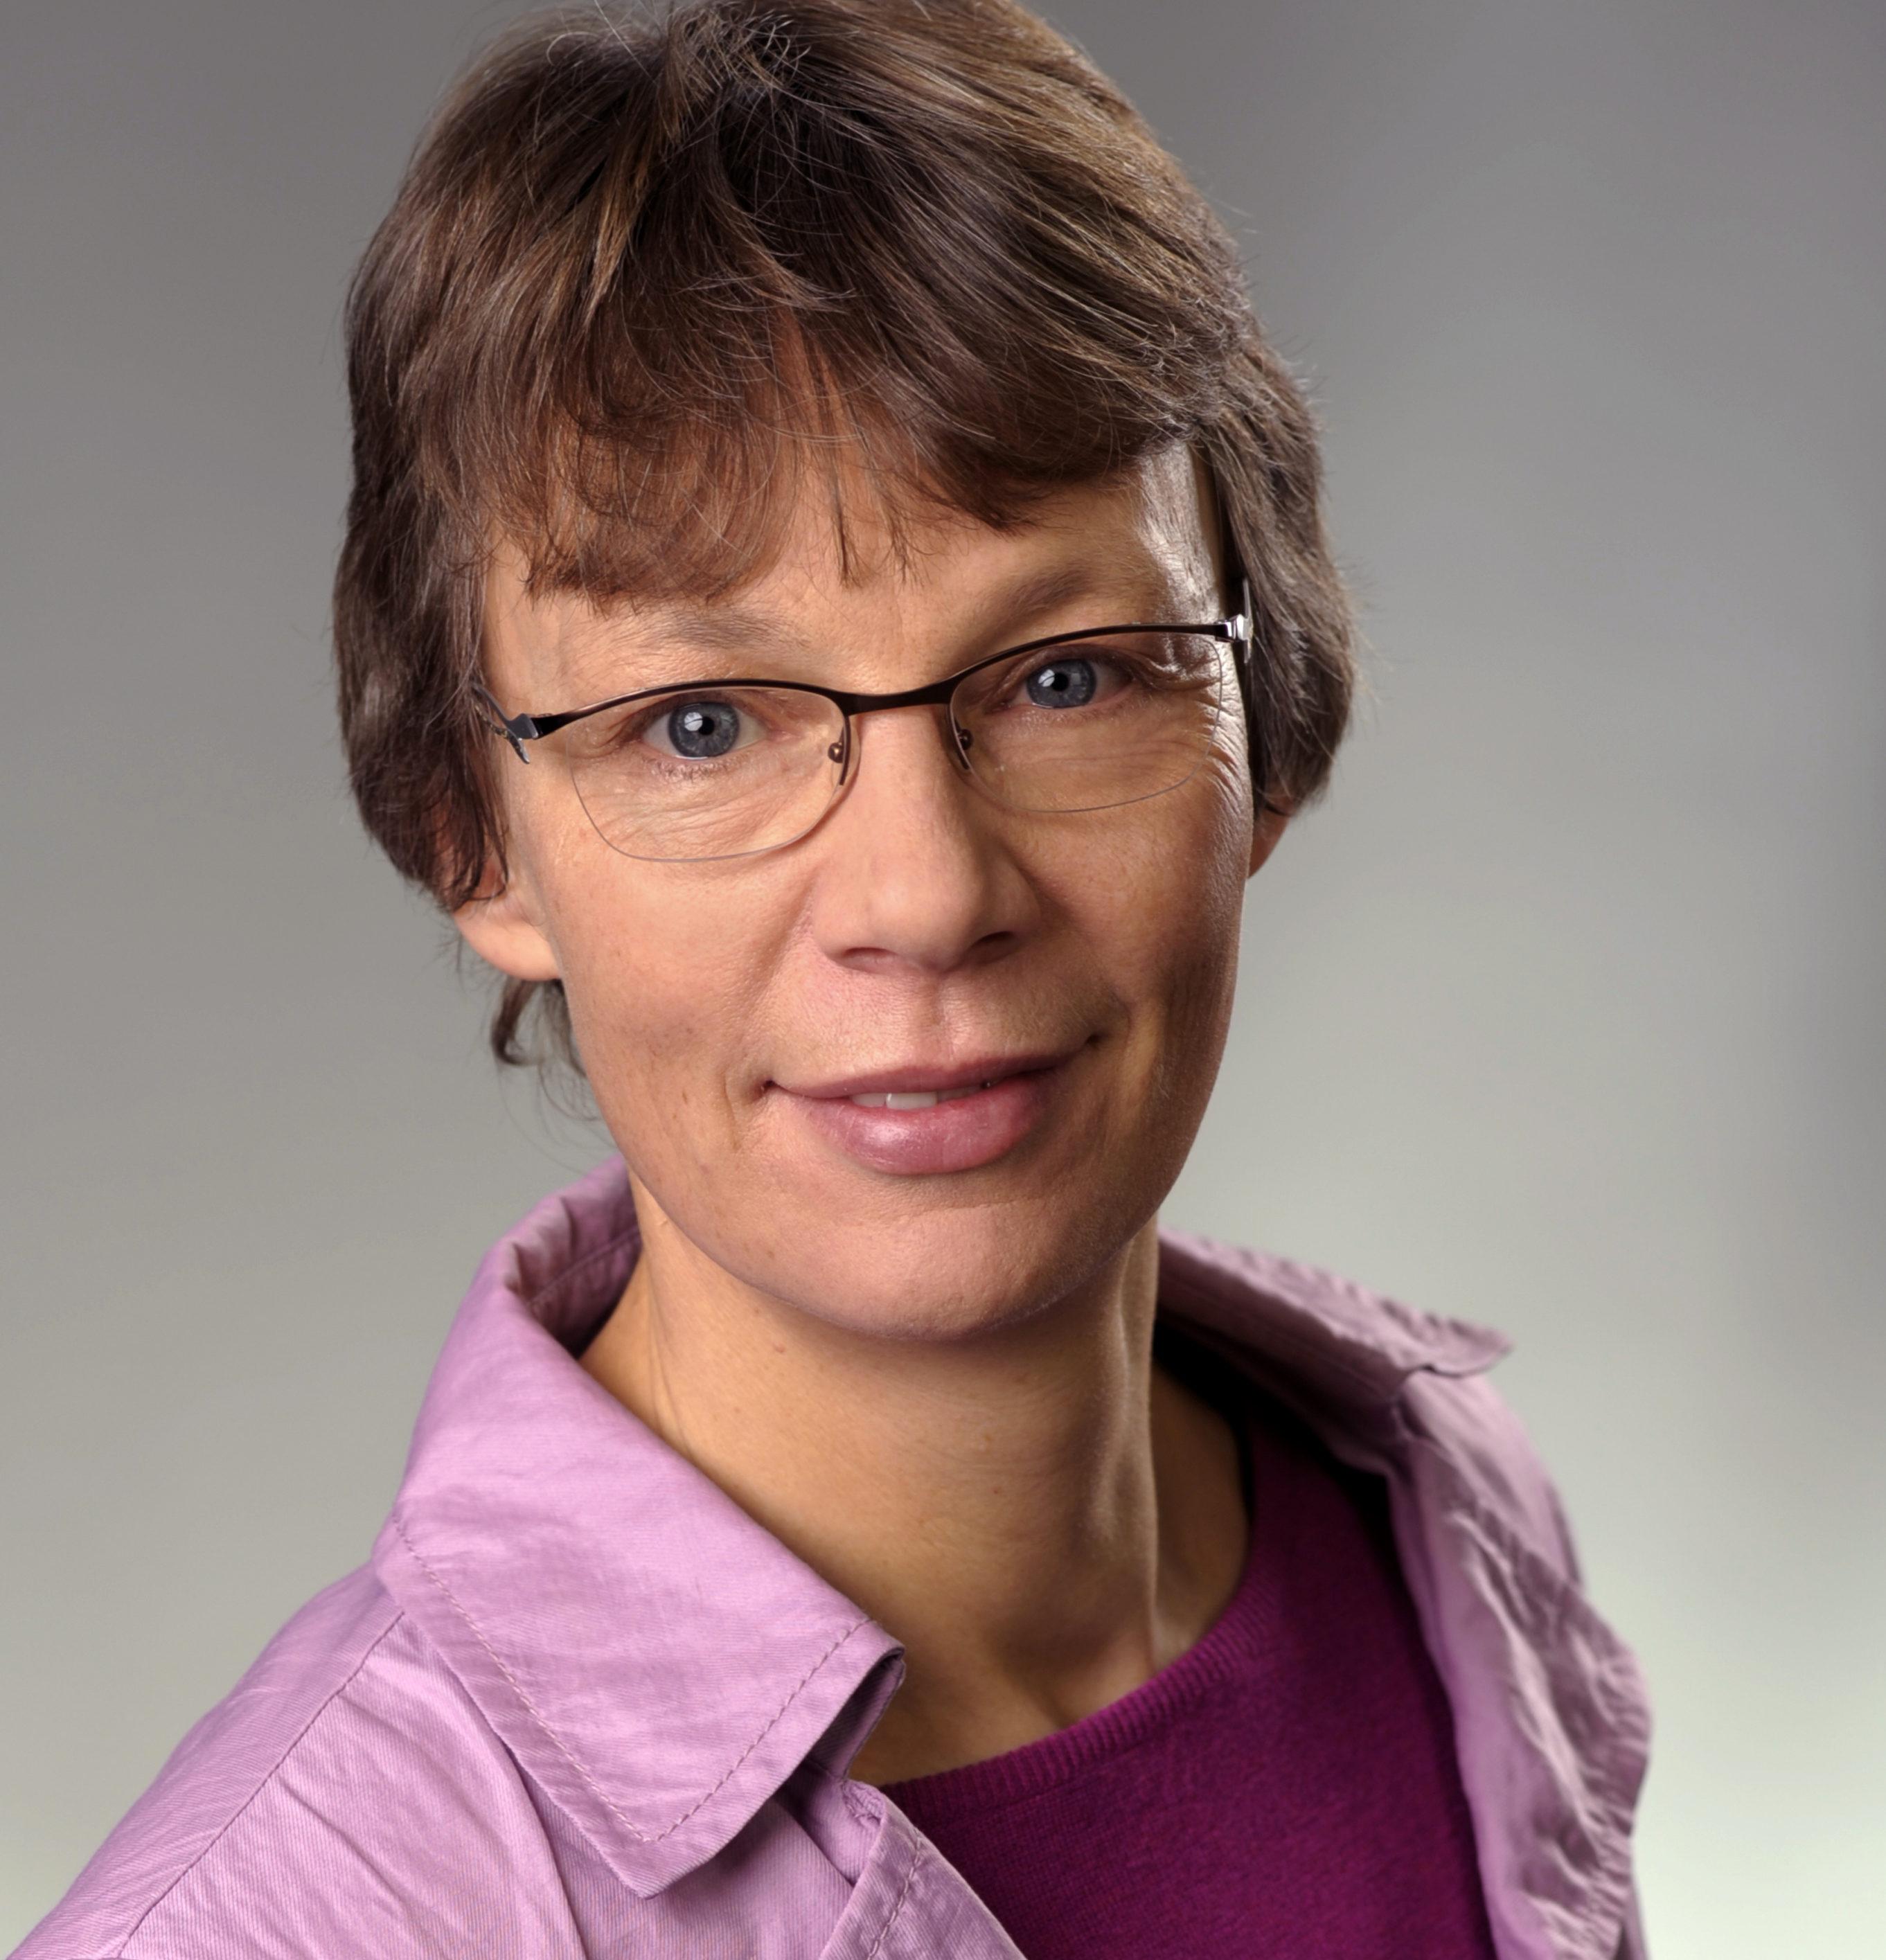 Ingeborg Peters